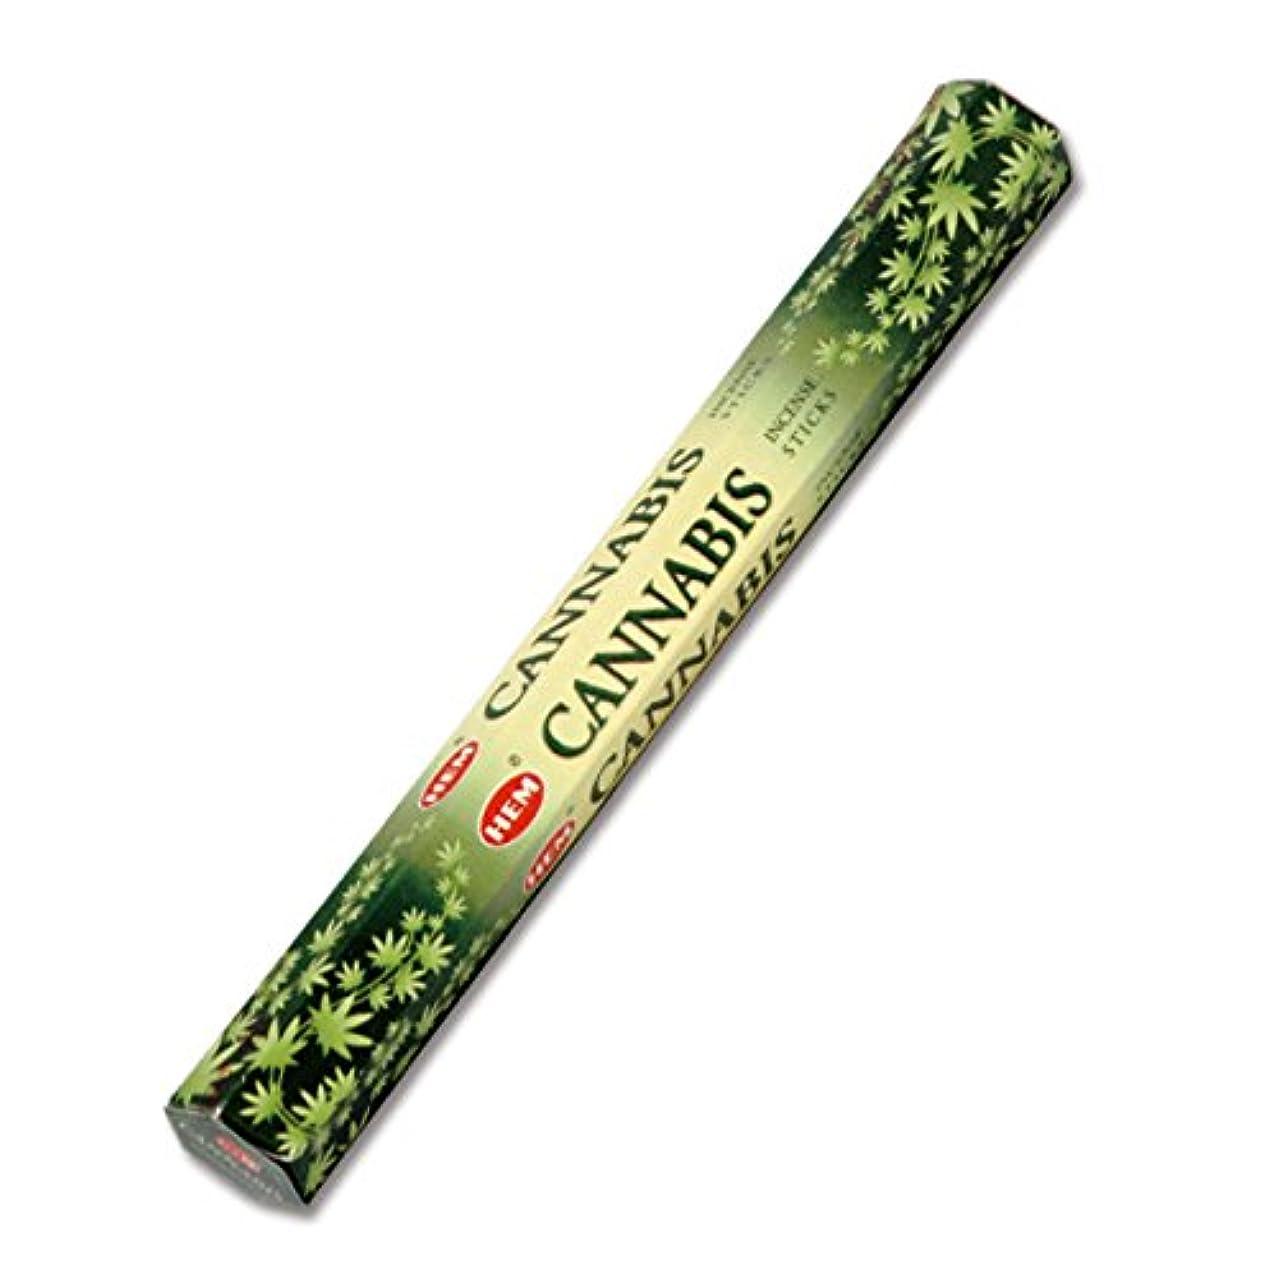 荒野消化器排泄物HEM(ヘム) カナビス CANNABIS スティックタイプ お香 1筒 単品 [並行輸入品]